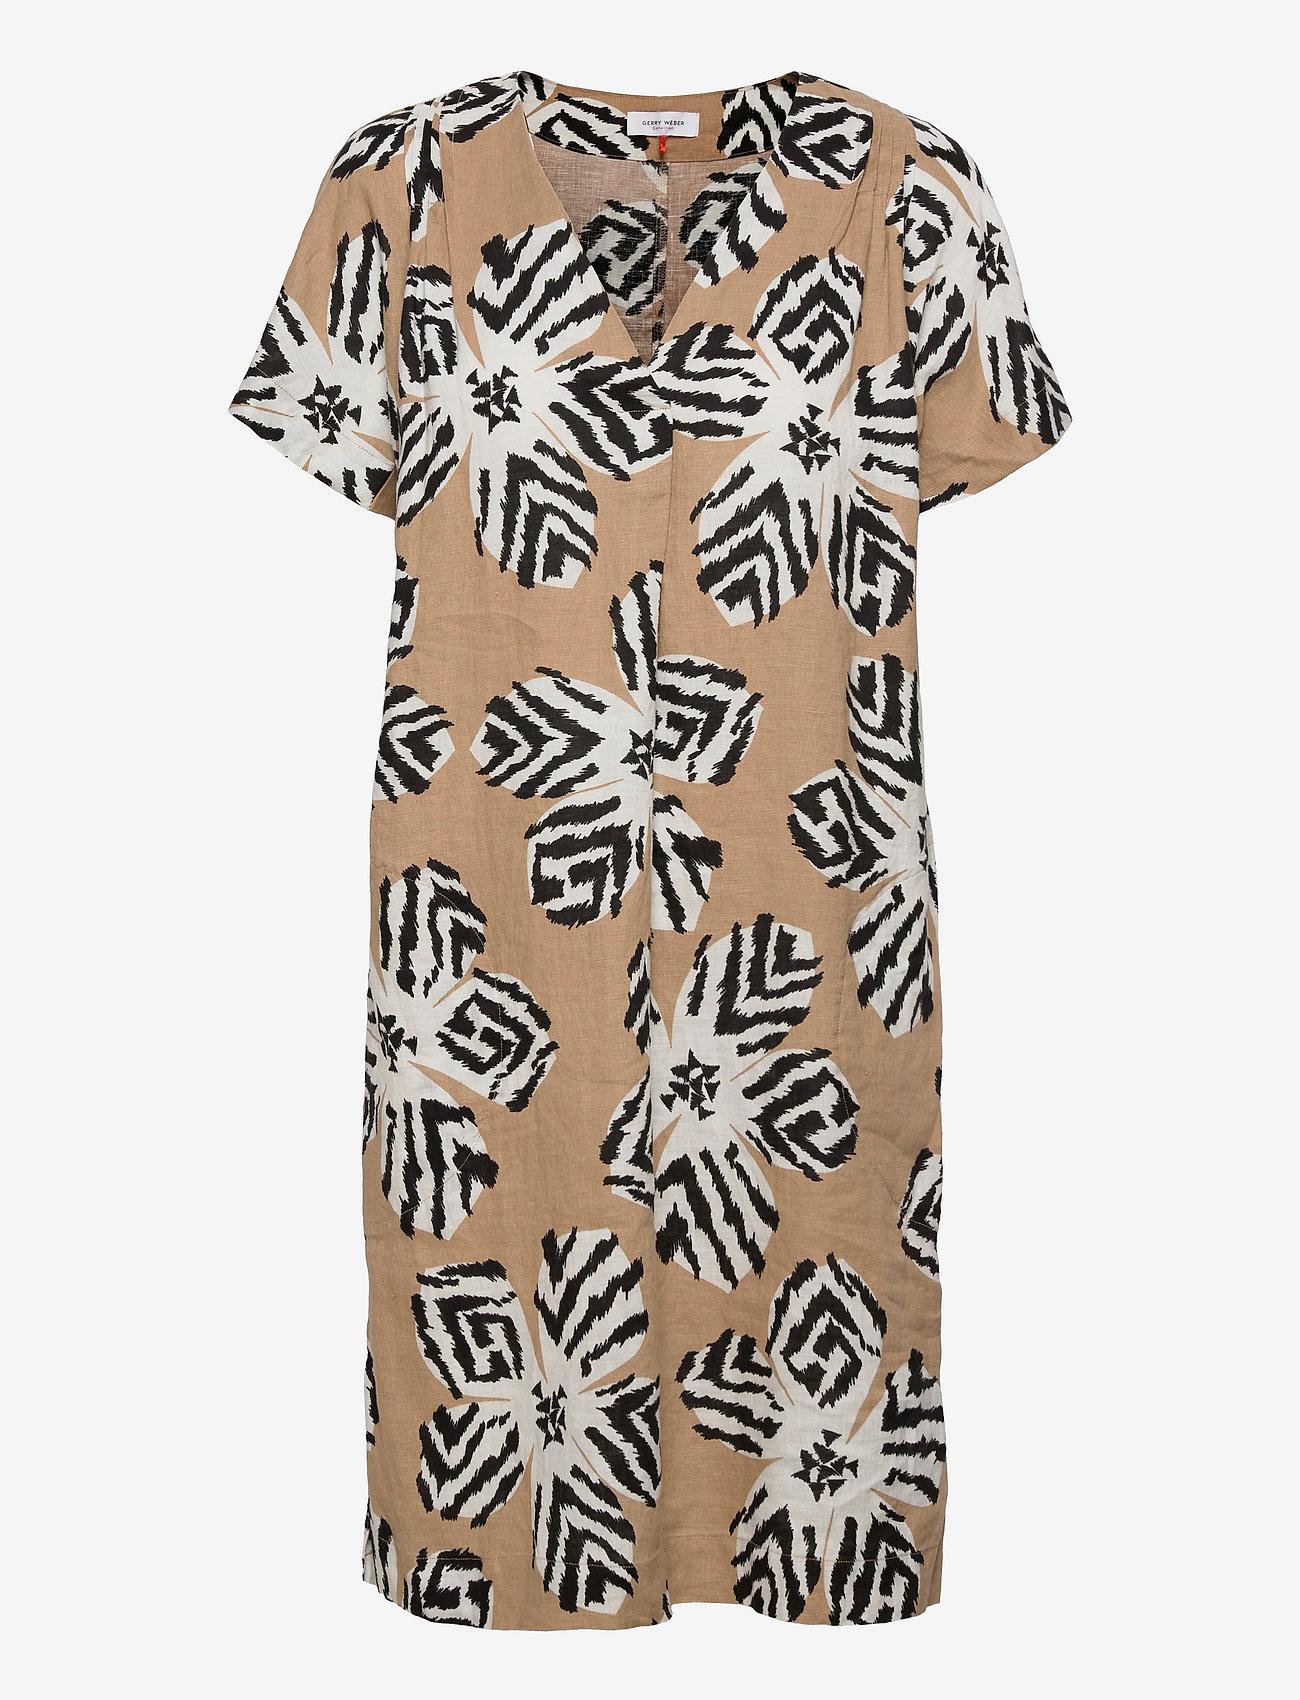 Gerry Weber - DRESS WOVEN FABRIC - robes d'été - sahara ecru black print - 0